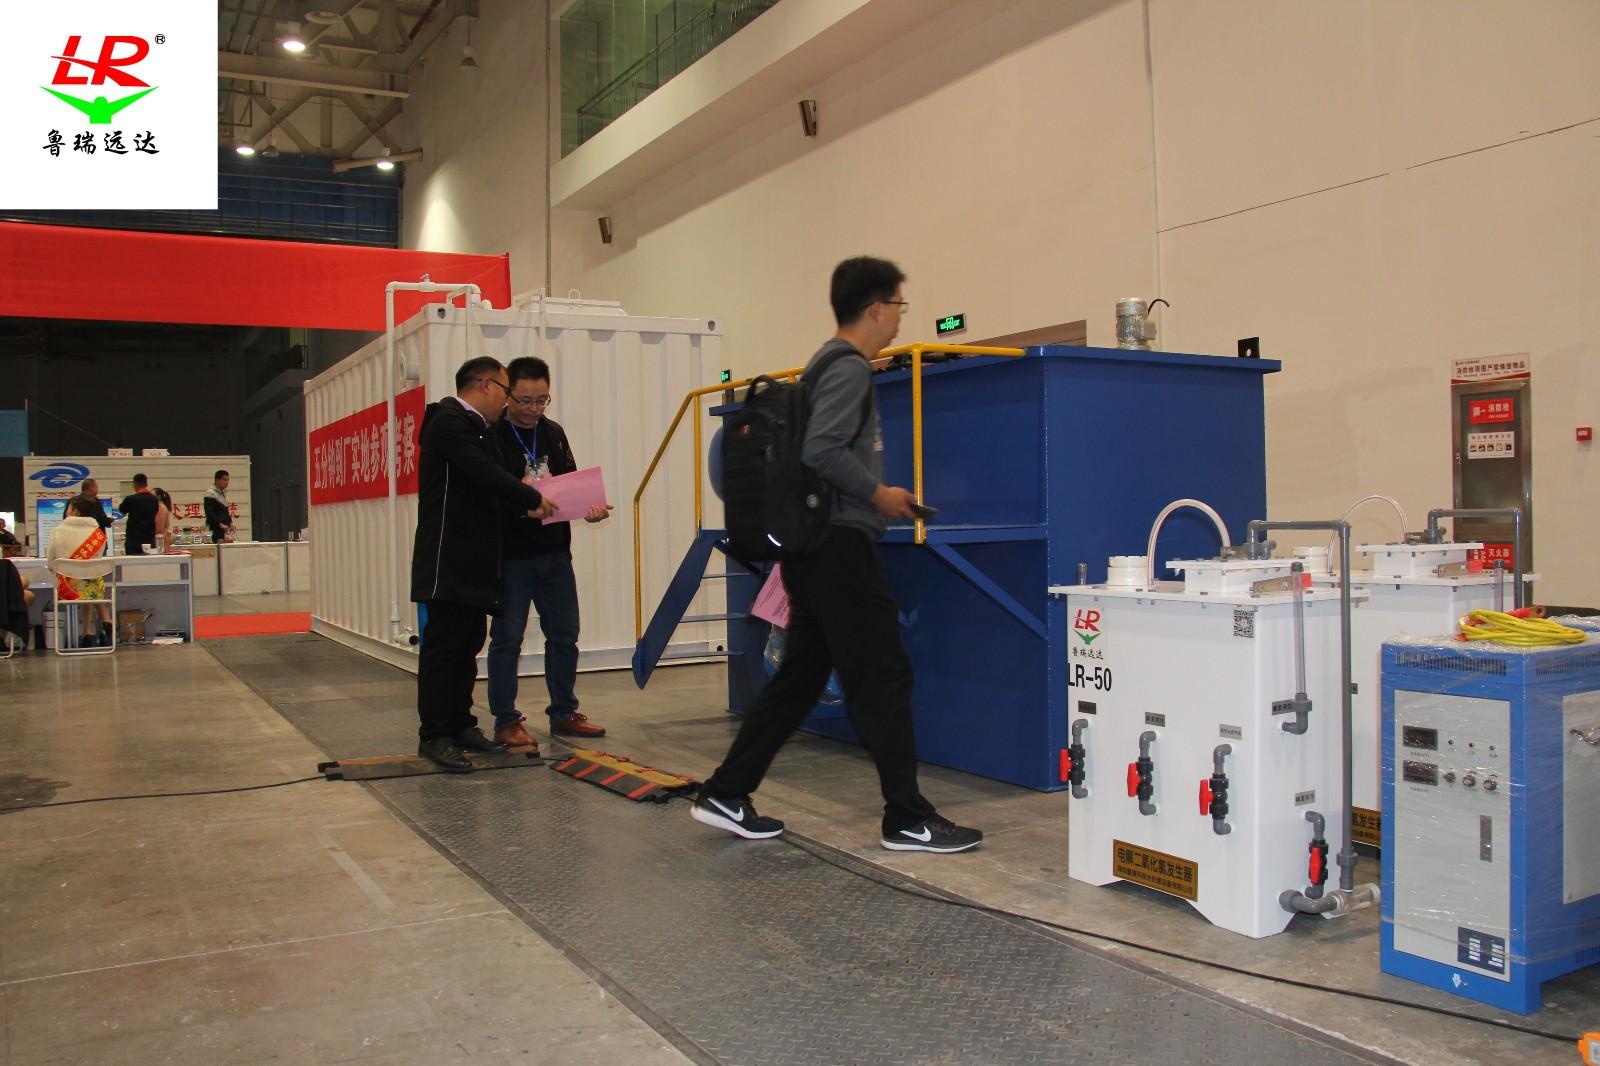 蚌埠市村污水站处理设备售后保障